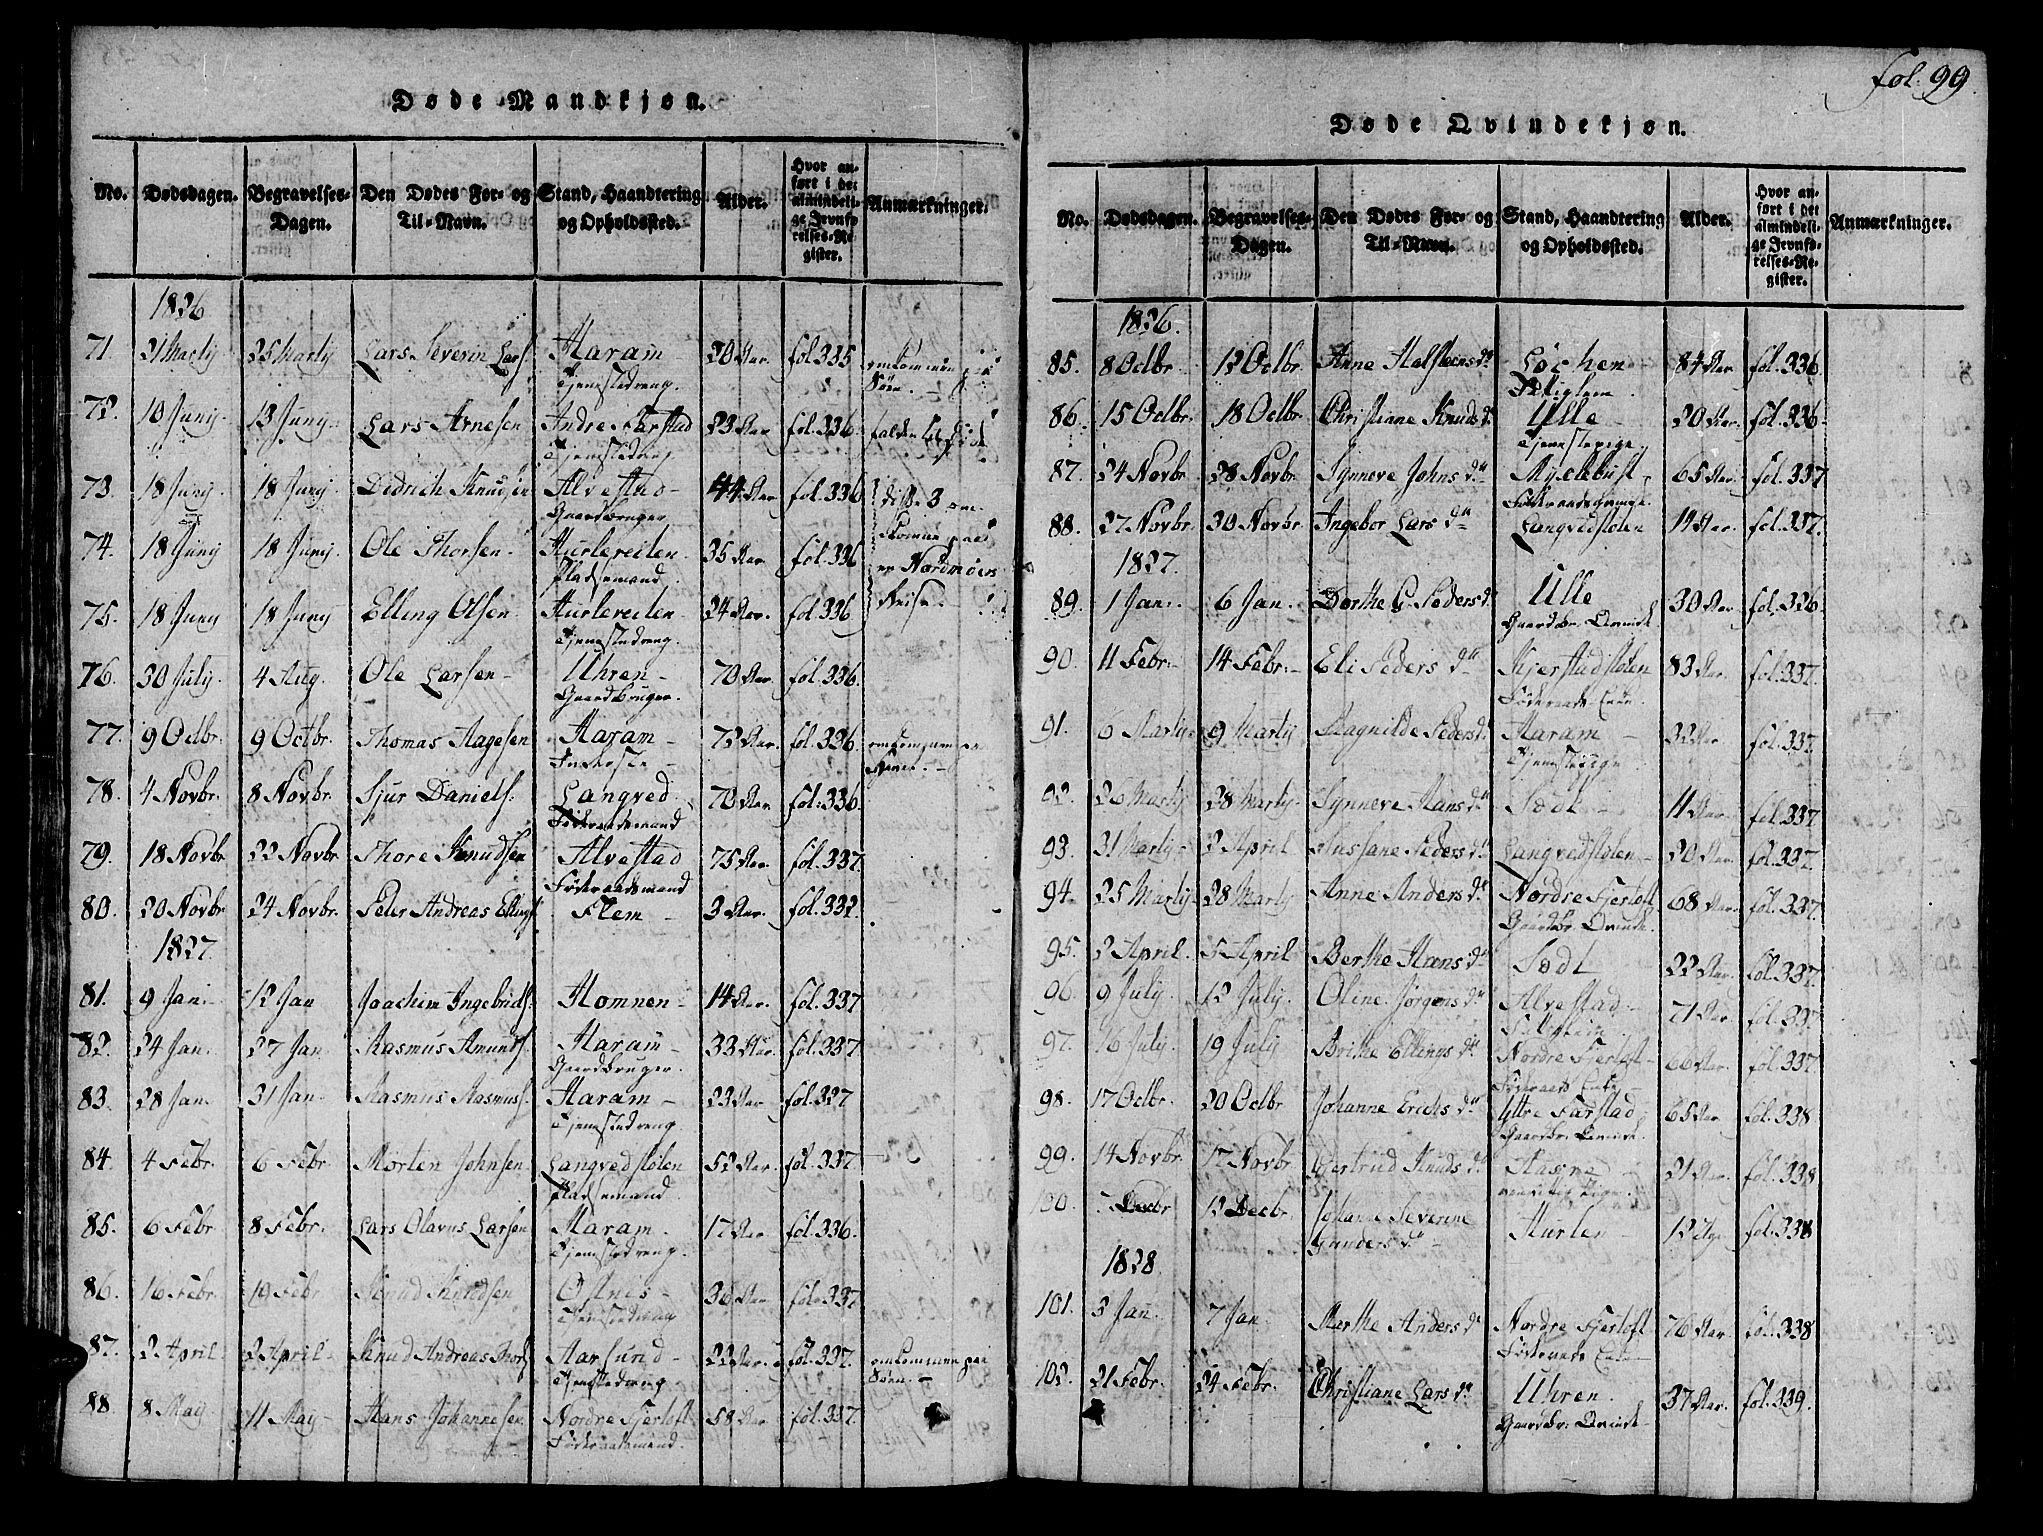 SAT, Ministerialprotokoller, klokkerbøker og fødselsregistre - Møre og Romsdal, 536/L0495: Ministerialbok nr. 536A04, 1818-1847, s. 99